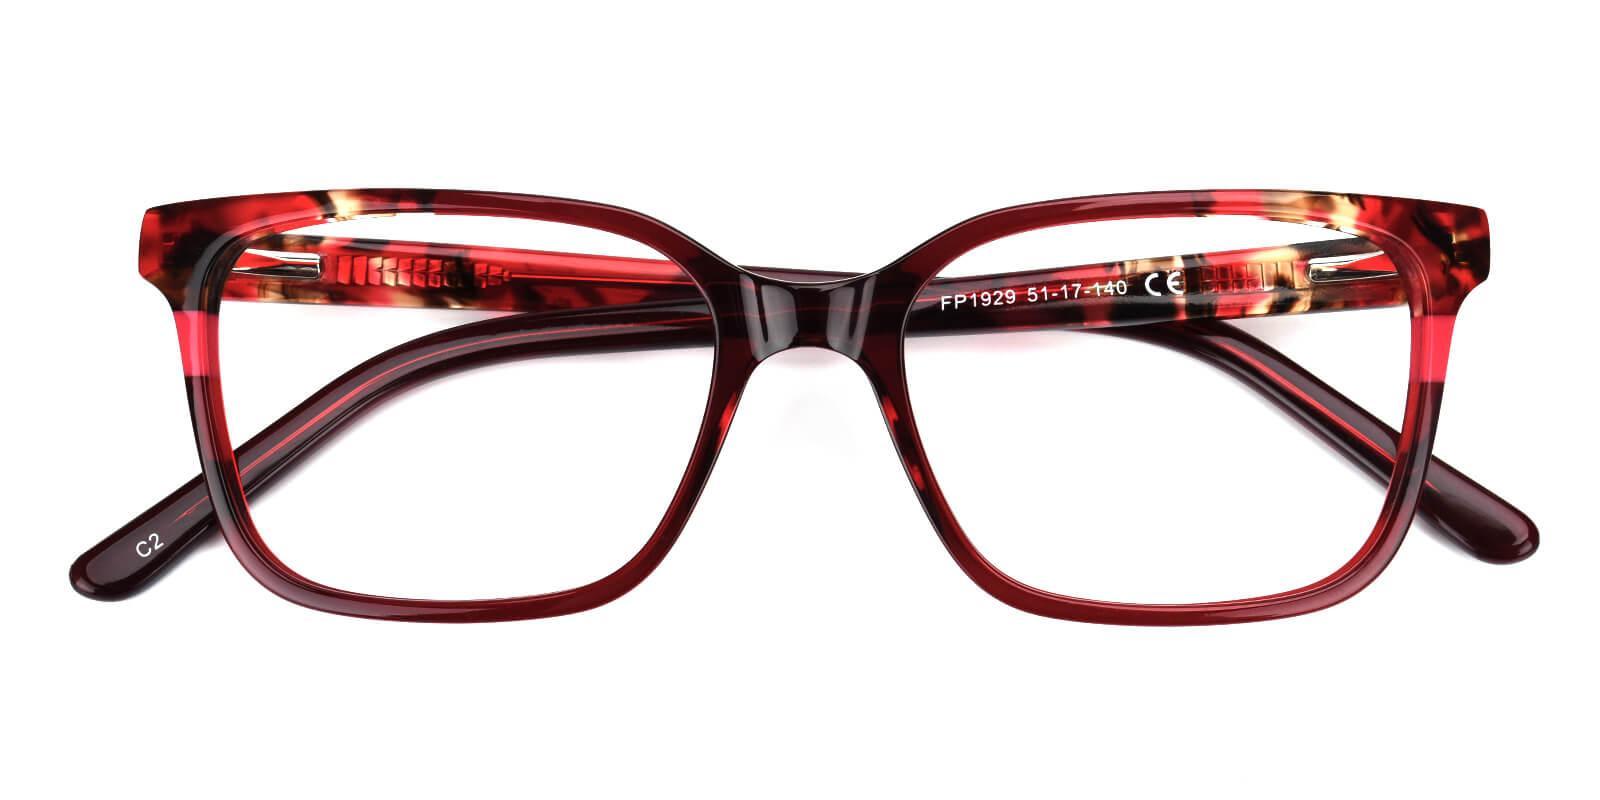 Geraldine-Red-Square / Cat-Acetate-Eyeglasses-detail